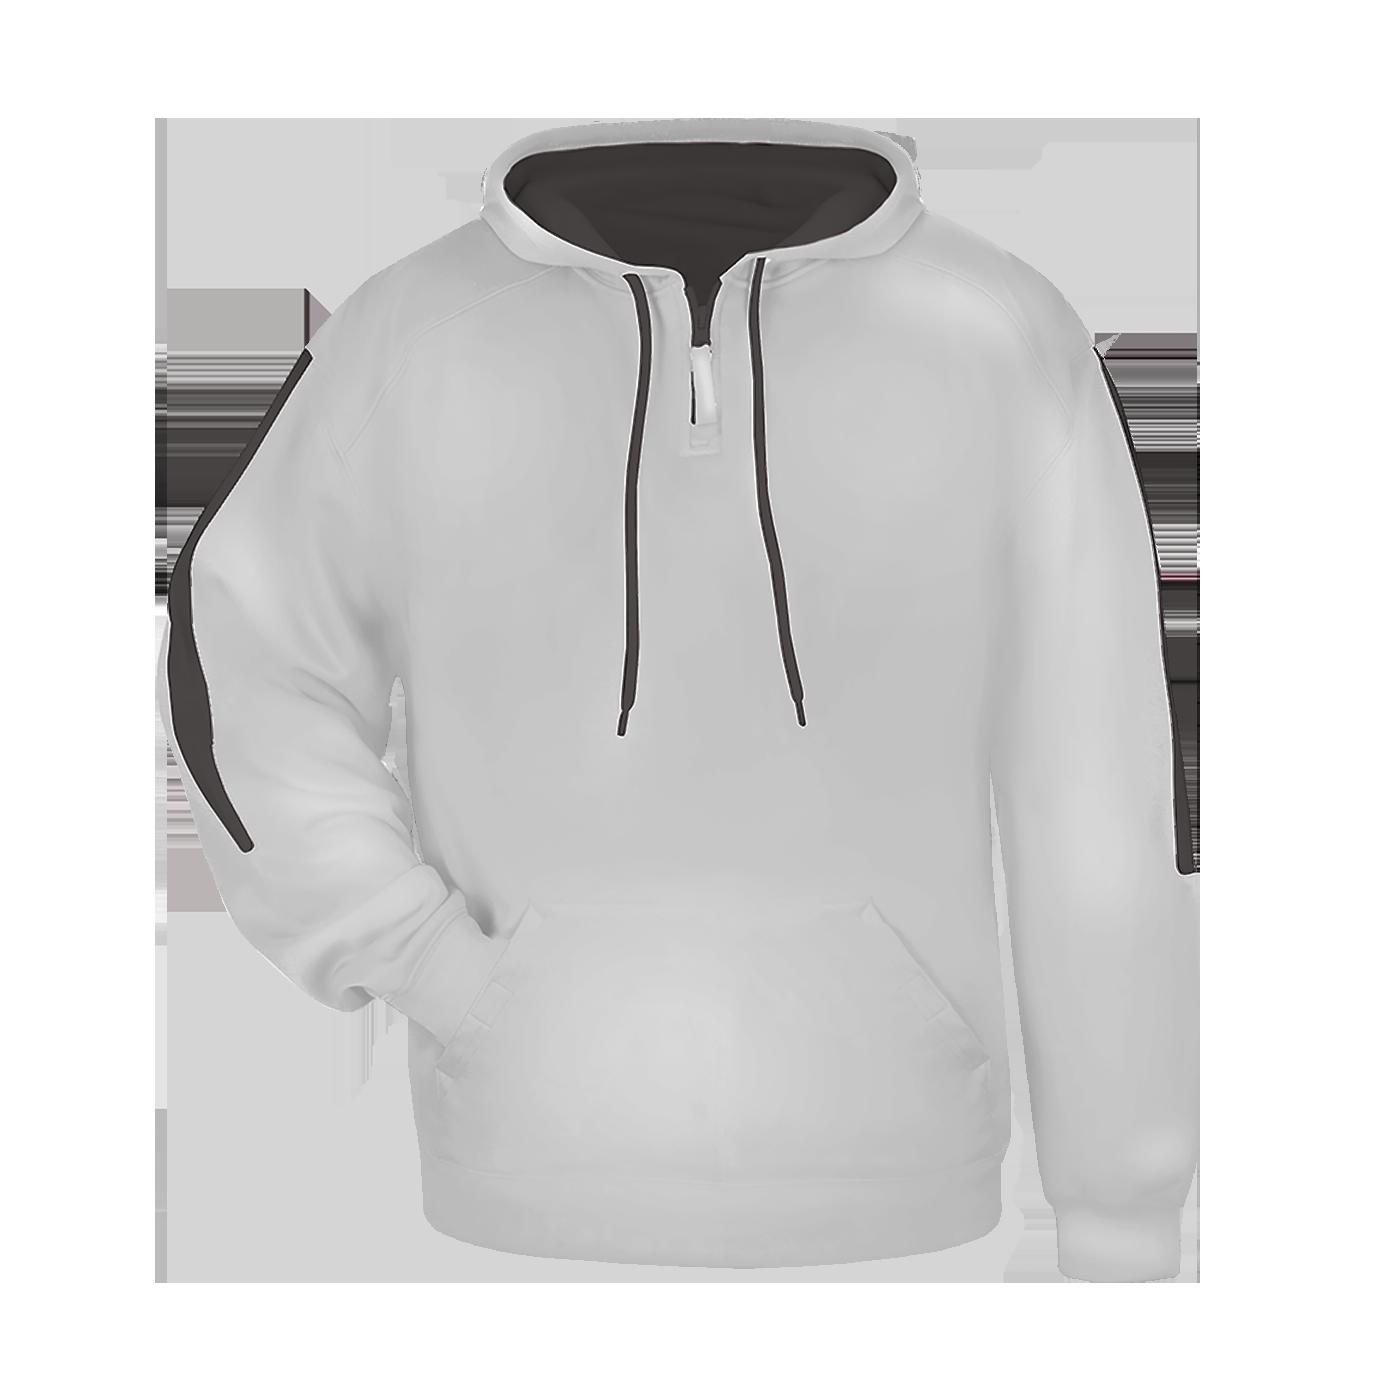 Sideline Fleece Hood - Silver/Graphite